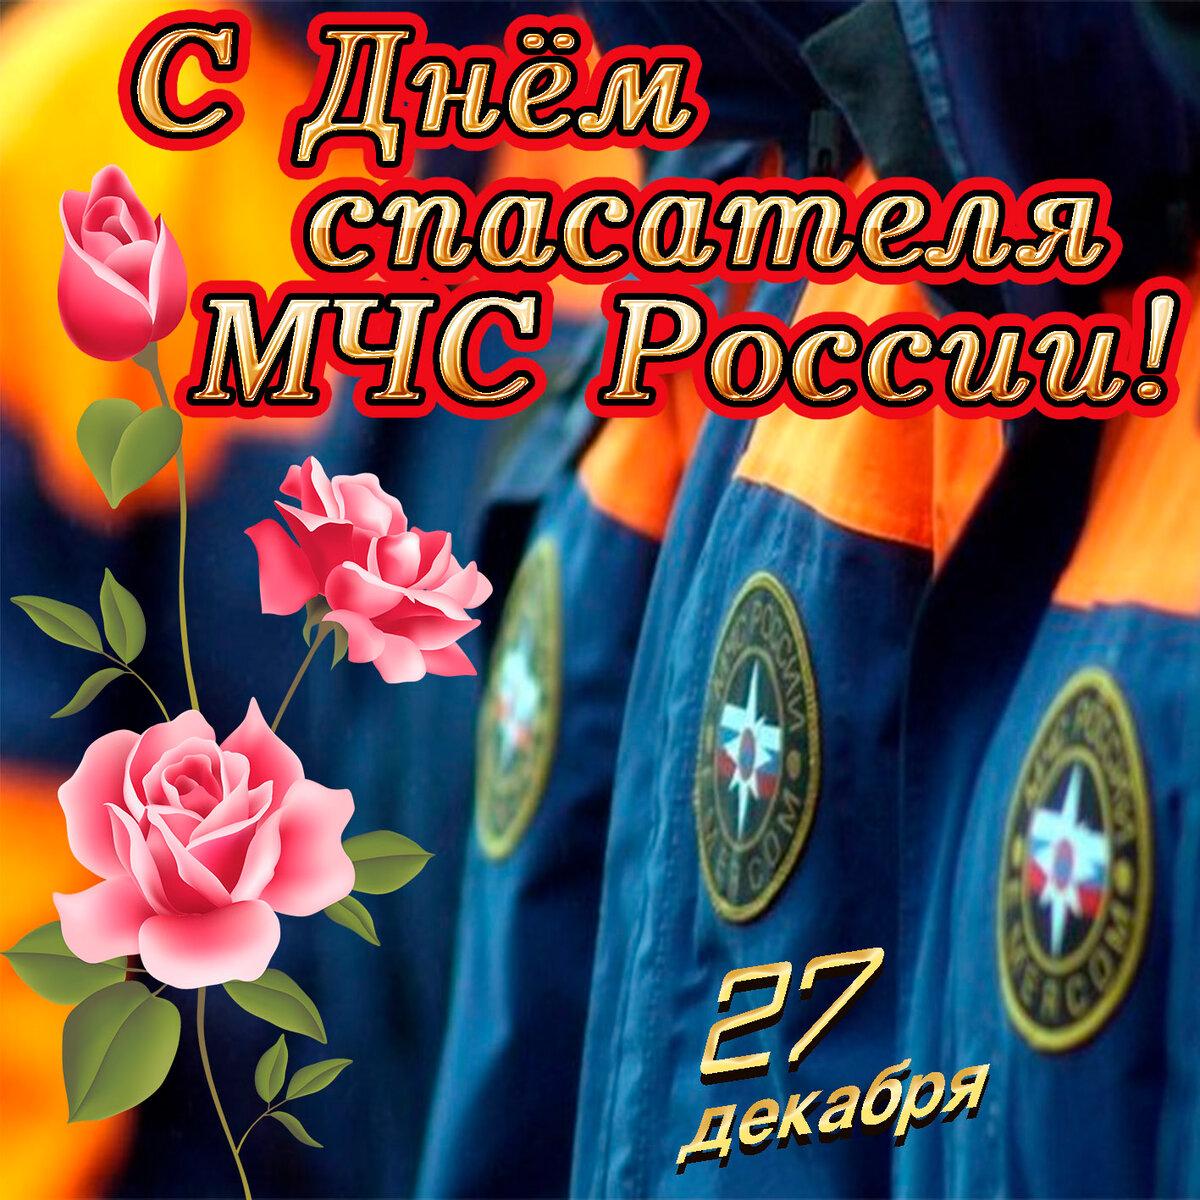 День спасателя красивые картинки, открытка днем рождения